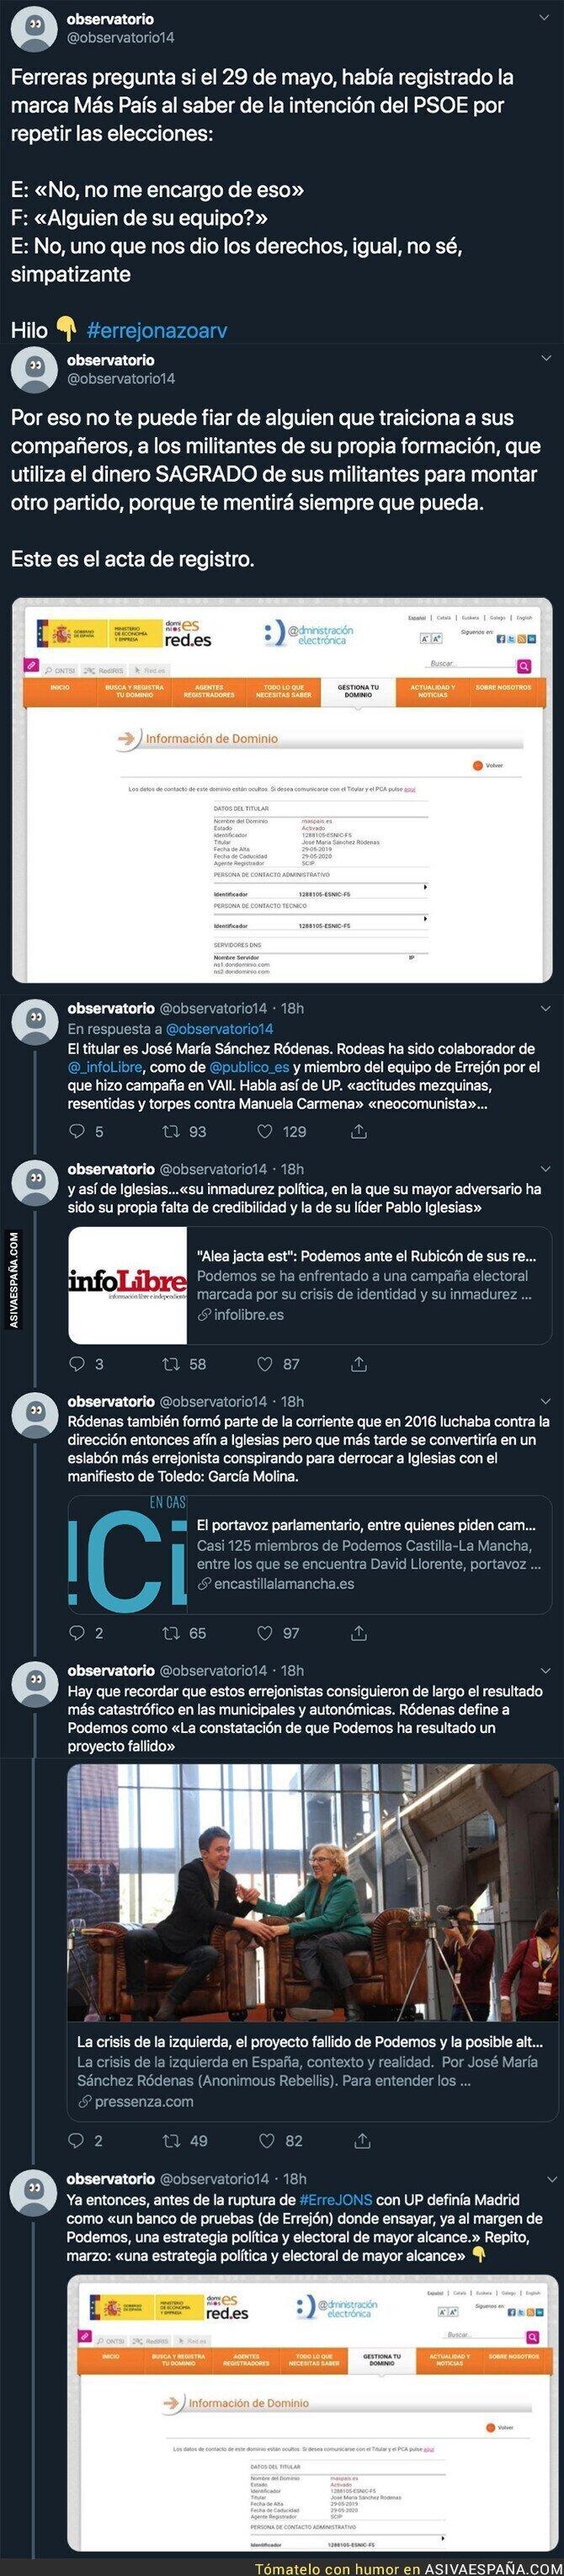 122156 - Íñigo Errejón ha mentido a todo el mundo y este fue el día que registró el dominio de su partido a nivel nacional